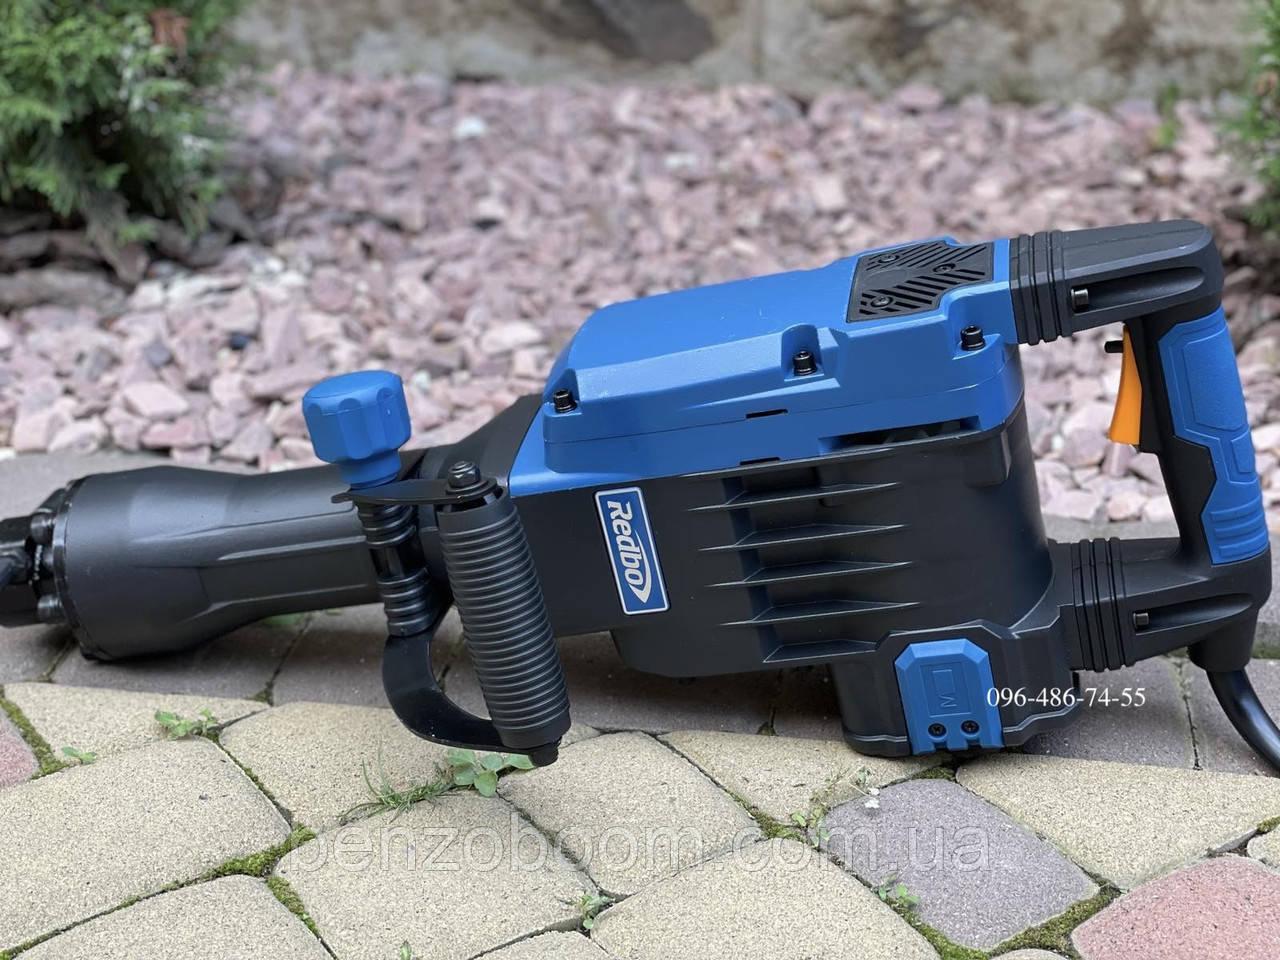 Отбойный молоток Redbo Z1C-RB2-100A 70ДЖ бетонолом SDS-Max